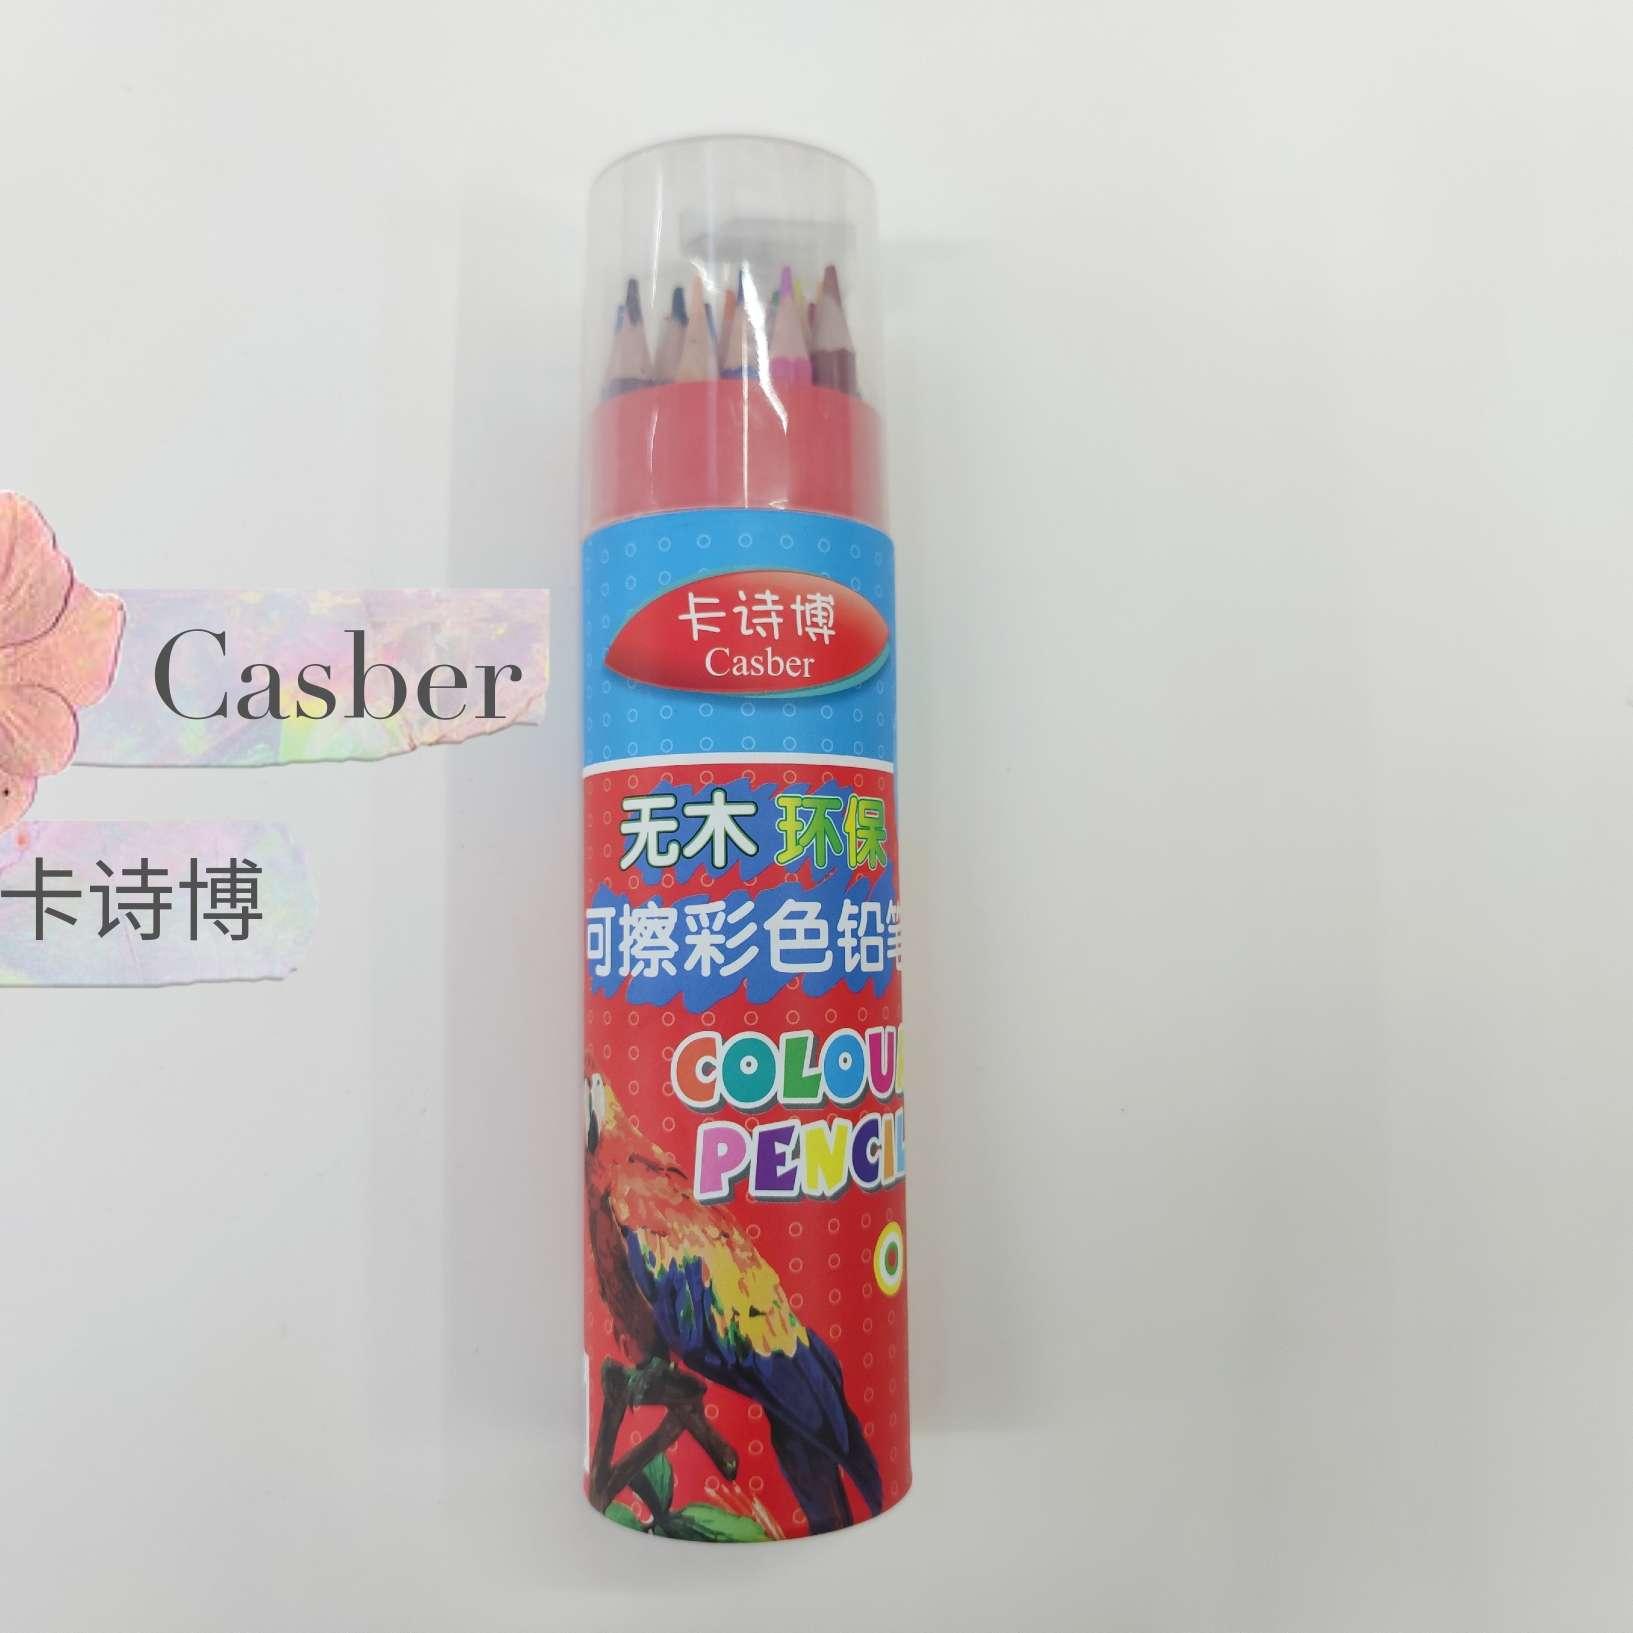 彩色铅笔红色筒装24儿童绘画笔小学生铅笔